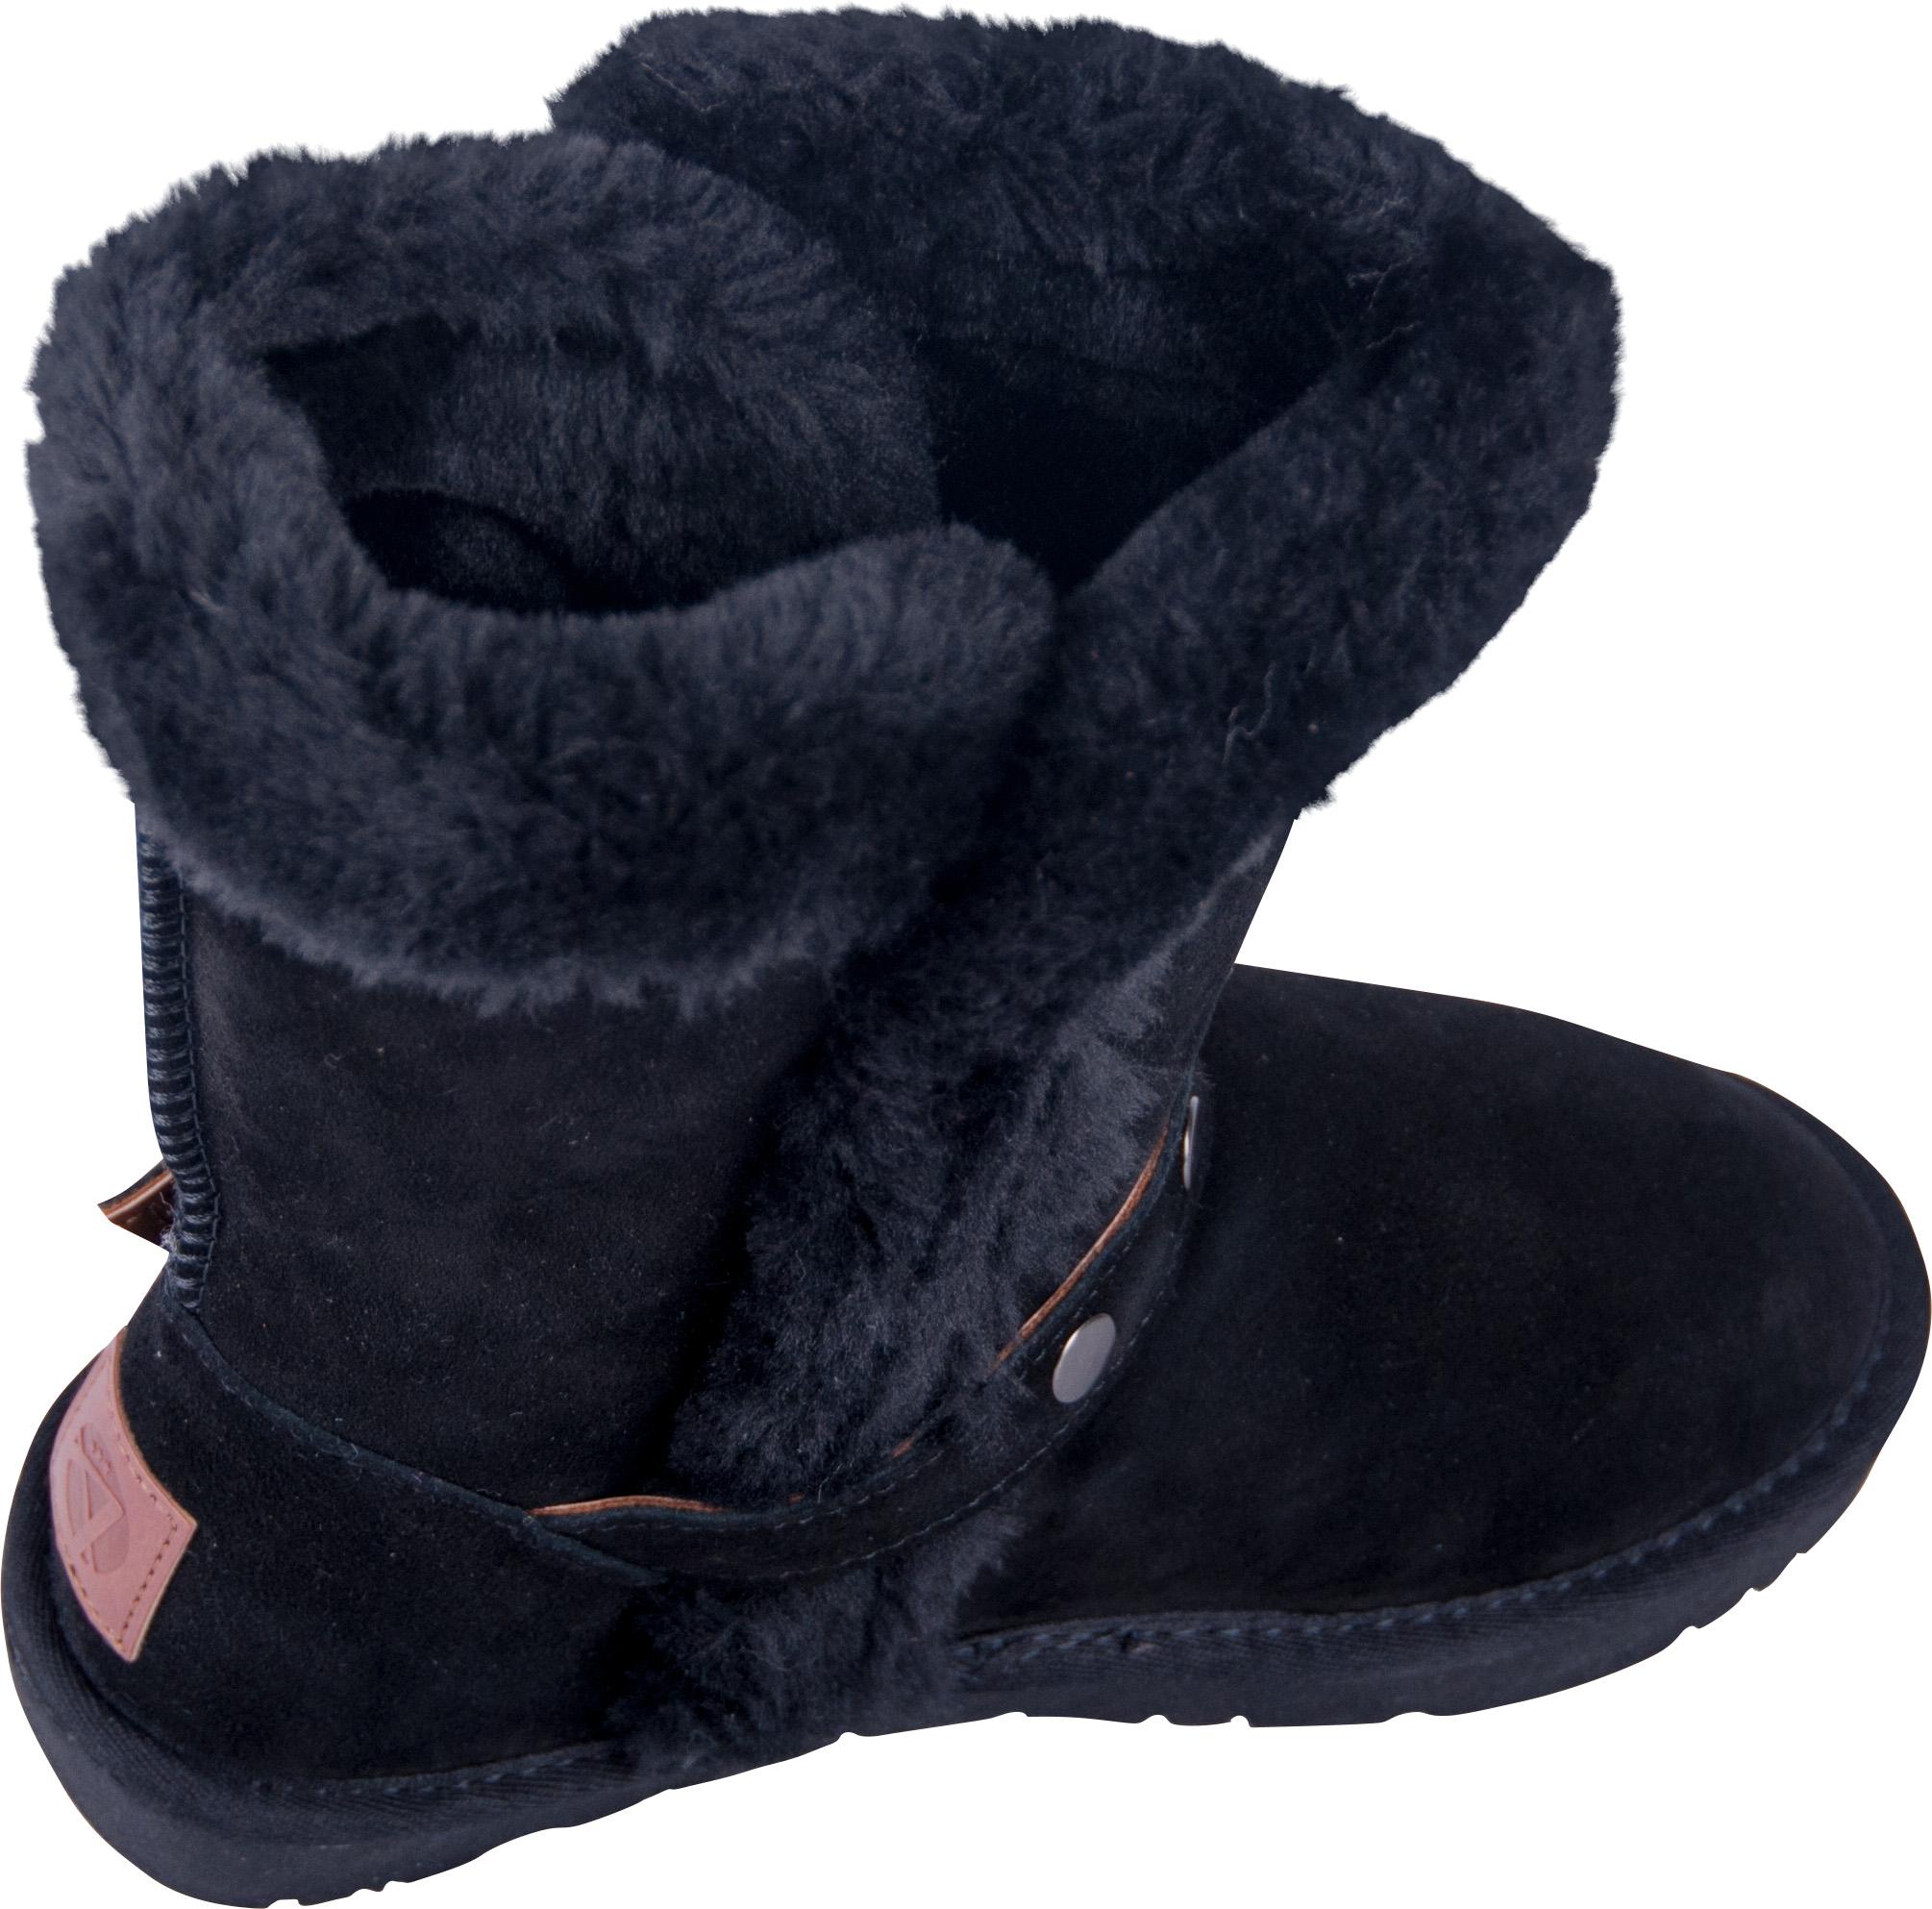 0fac54927bea81 Almwelt Damen Winter-Stiefel Boots Schlupf-Stiefel aus Echtleder warm  gefüttert in verscheidenen Farben